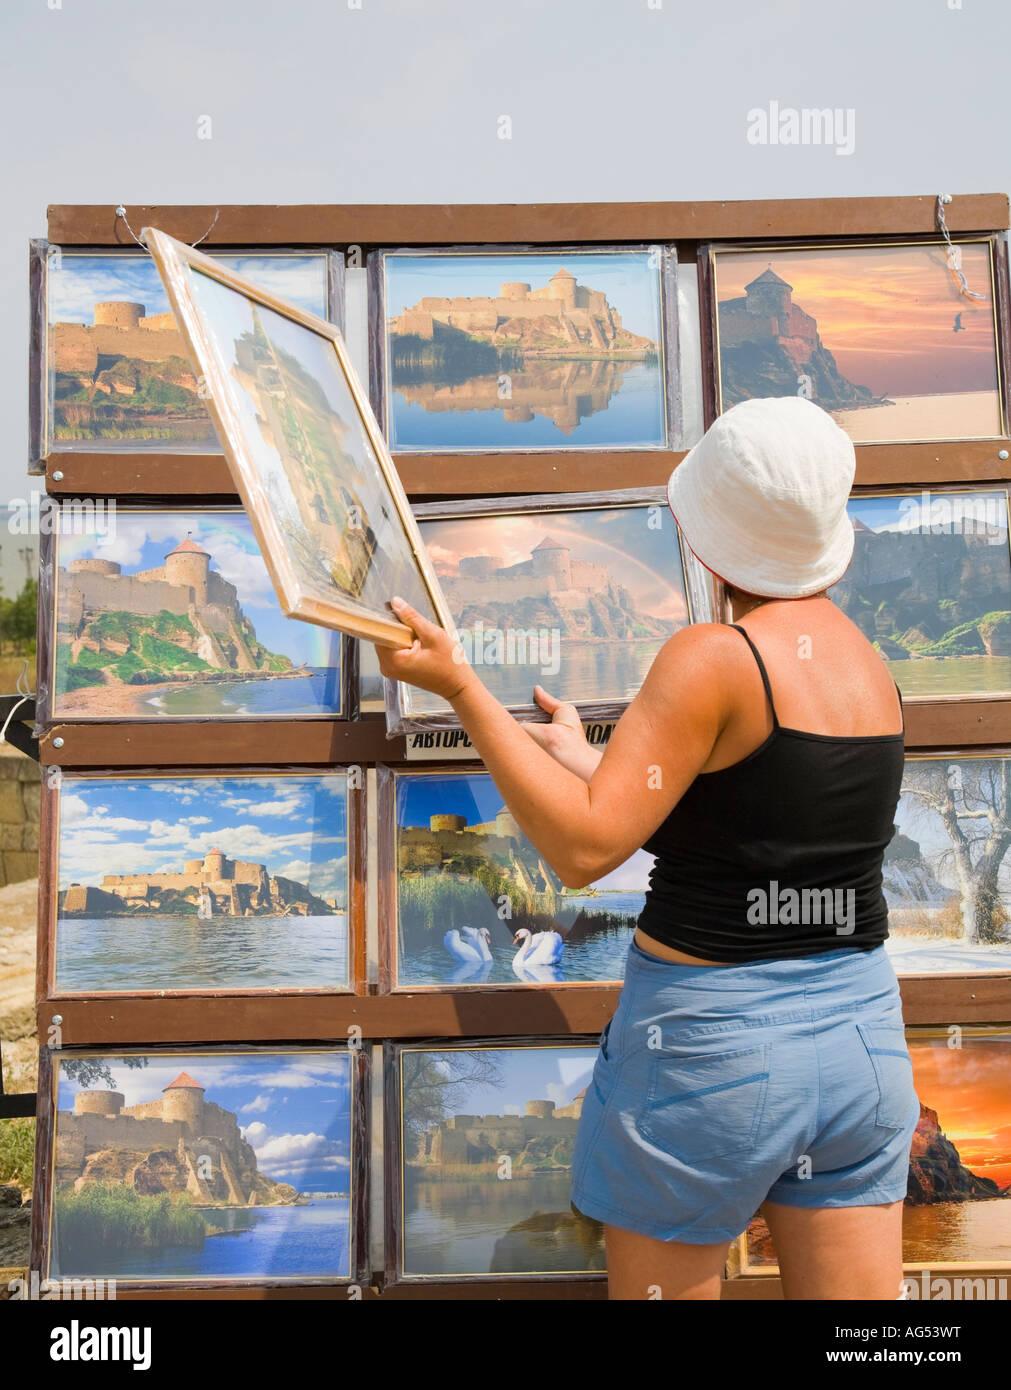 Ein Tourist steht in einem Stall, die Bilder von der Festung Akkerman verkauft / Ukraine Stockbild